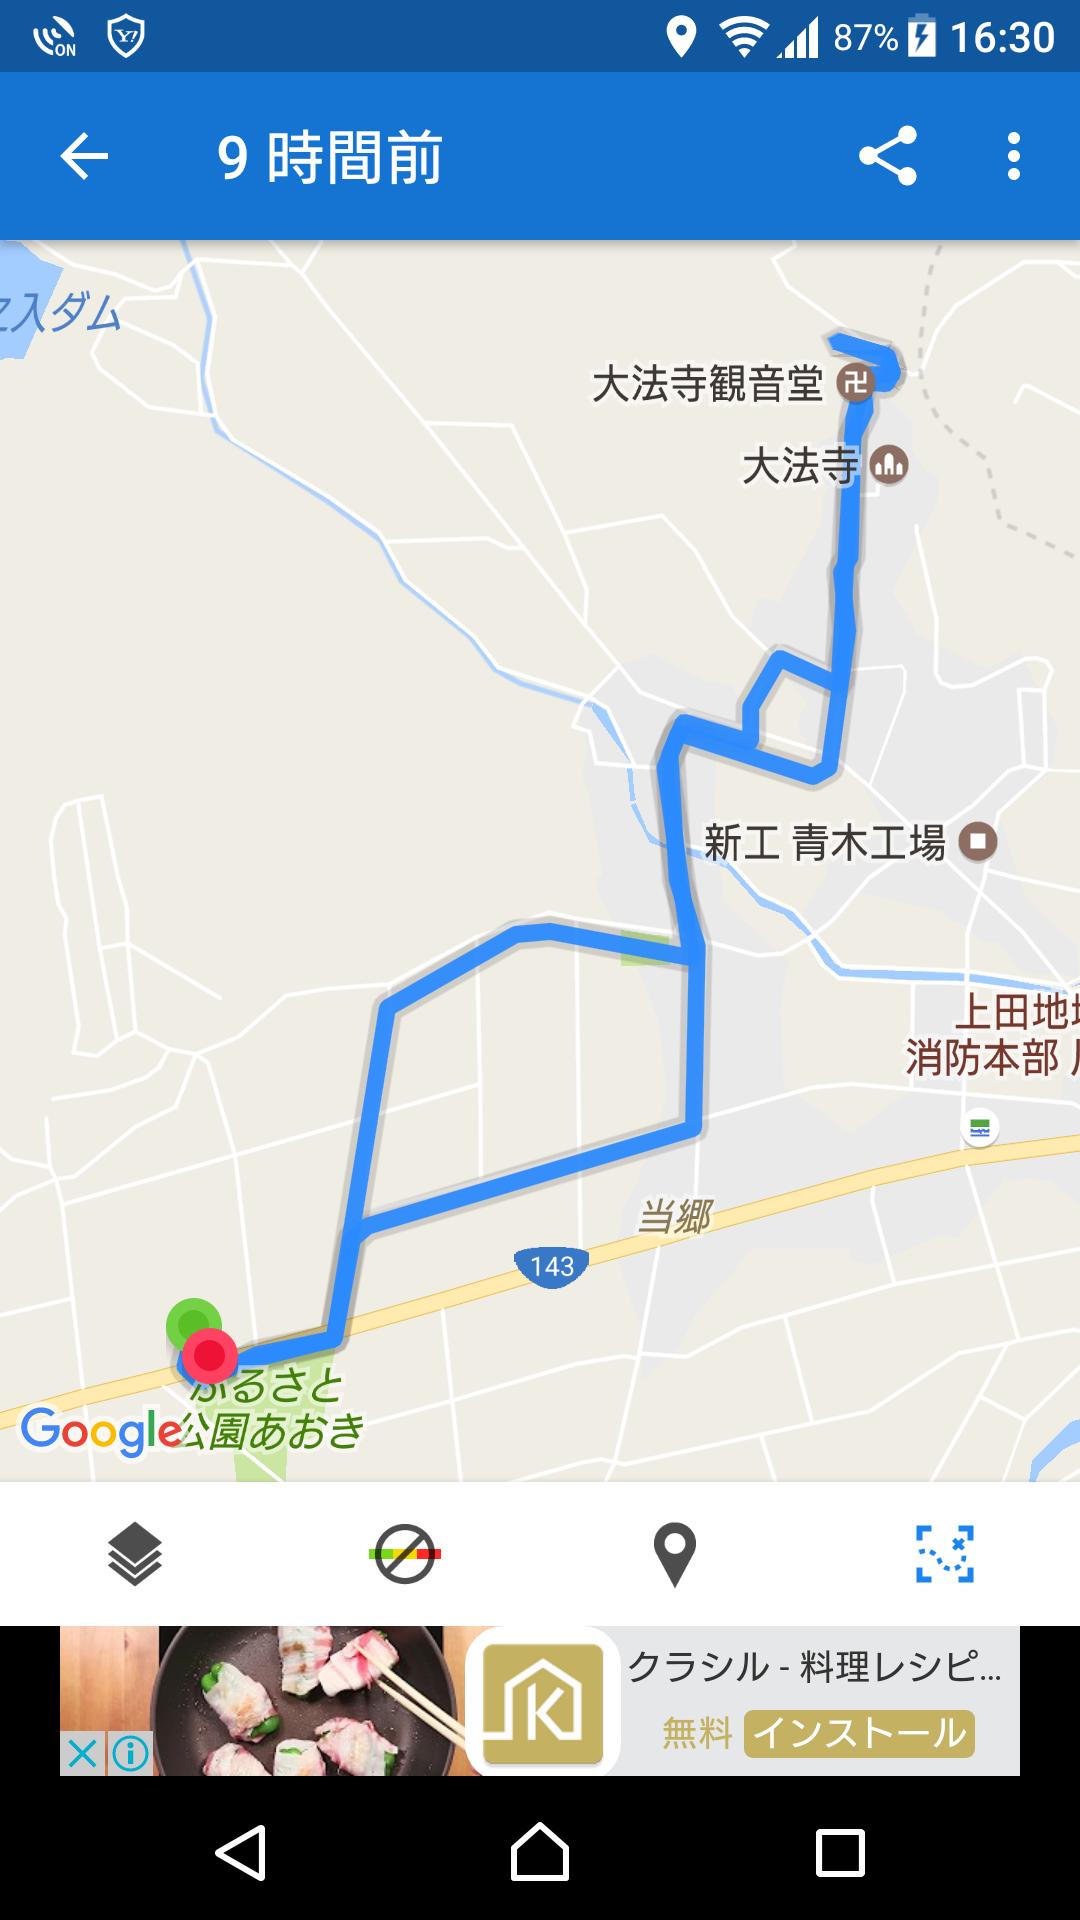 f:id:ynakayama27:20170528164730p:plain